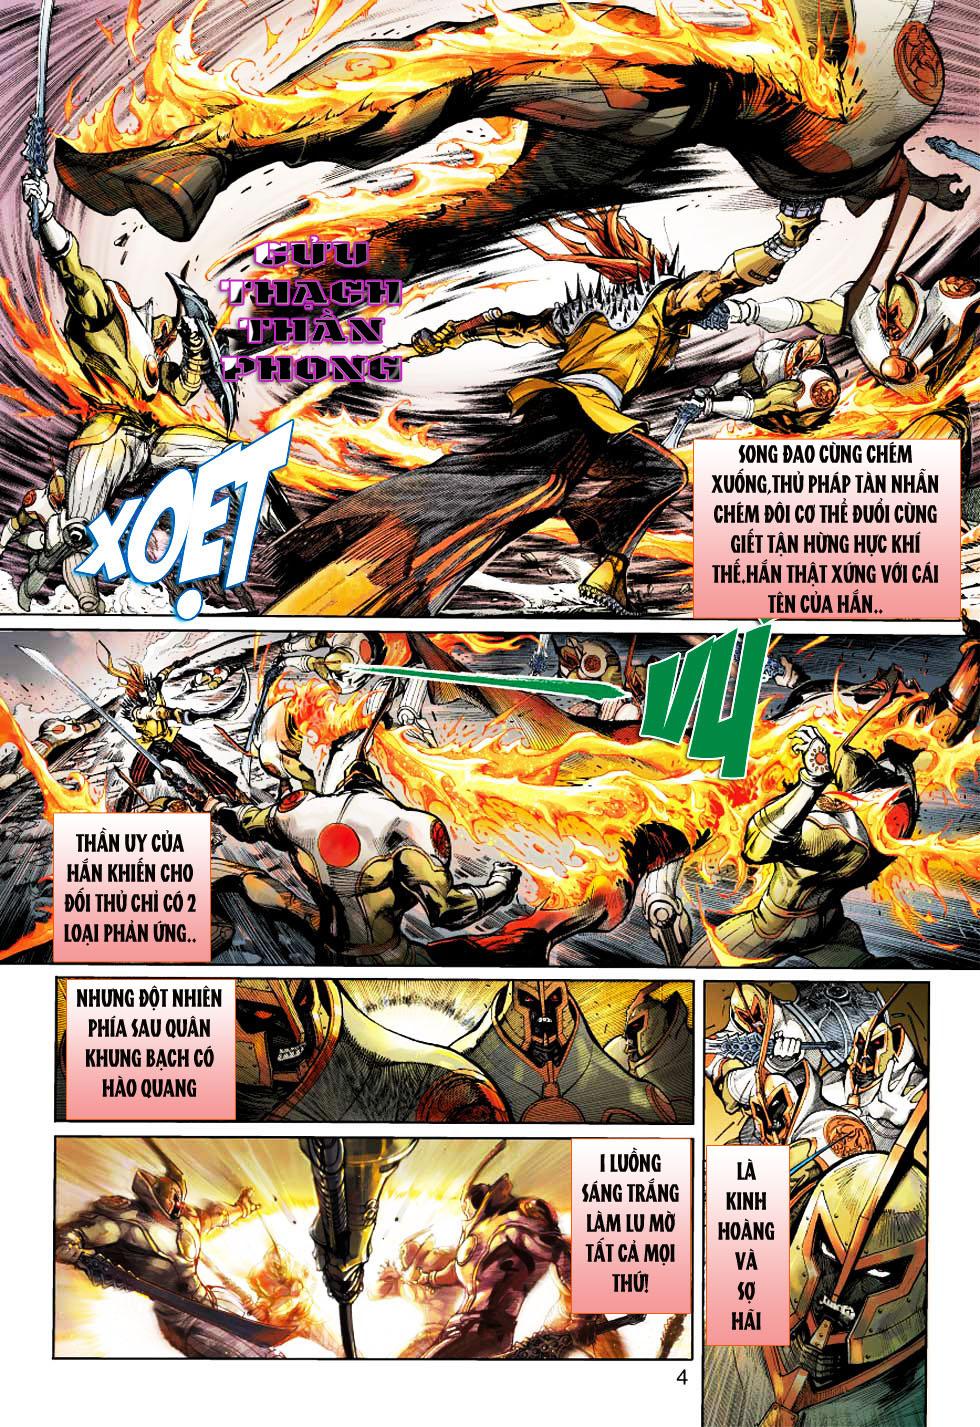 Thần Binh 4 chap 1 - Trang 4